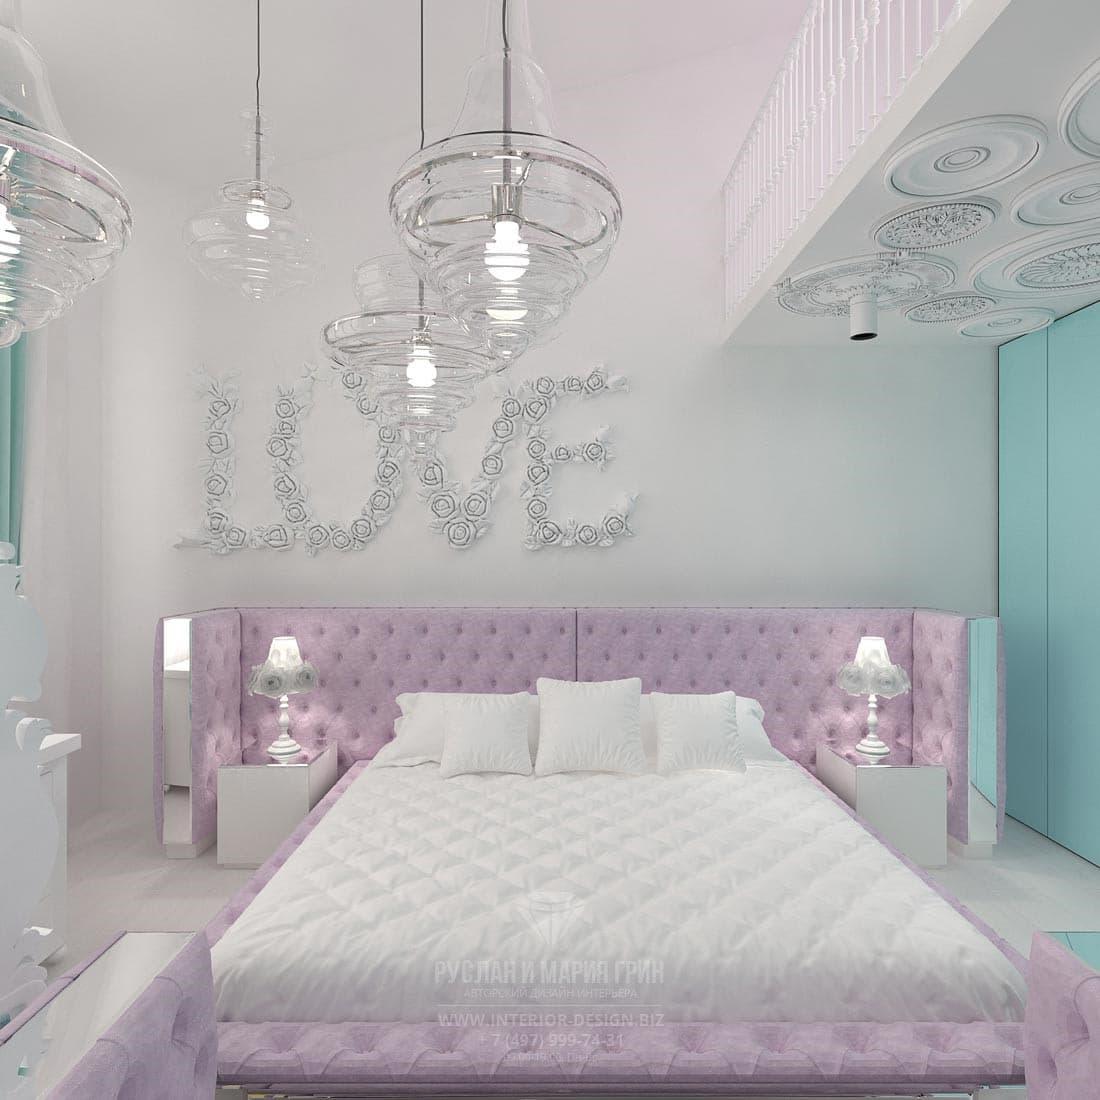 Дизайн интерьера детской комнаты для подростка